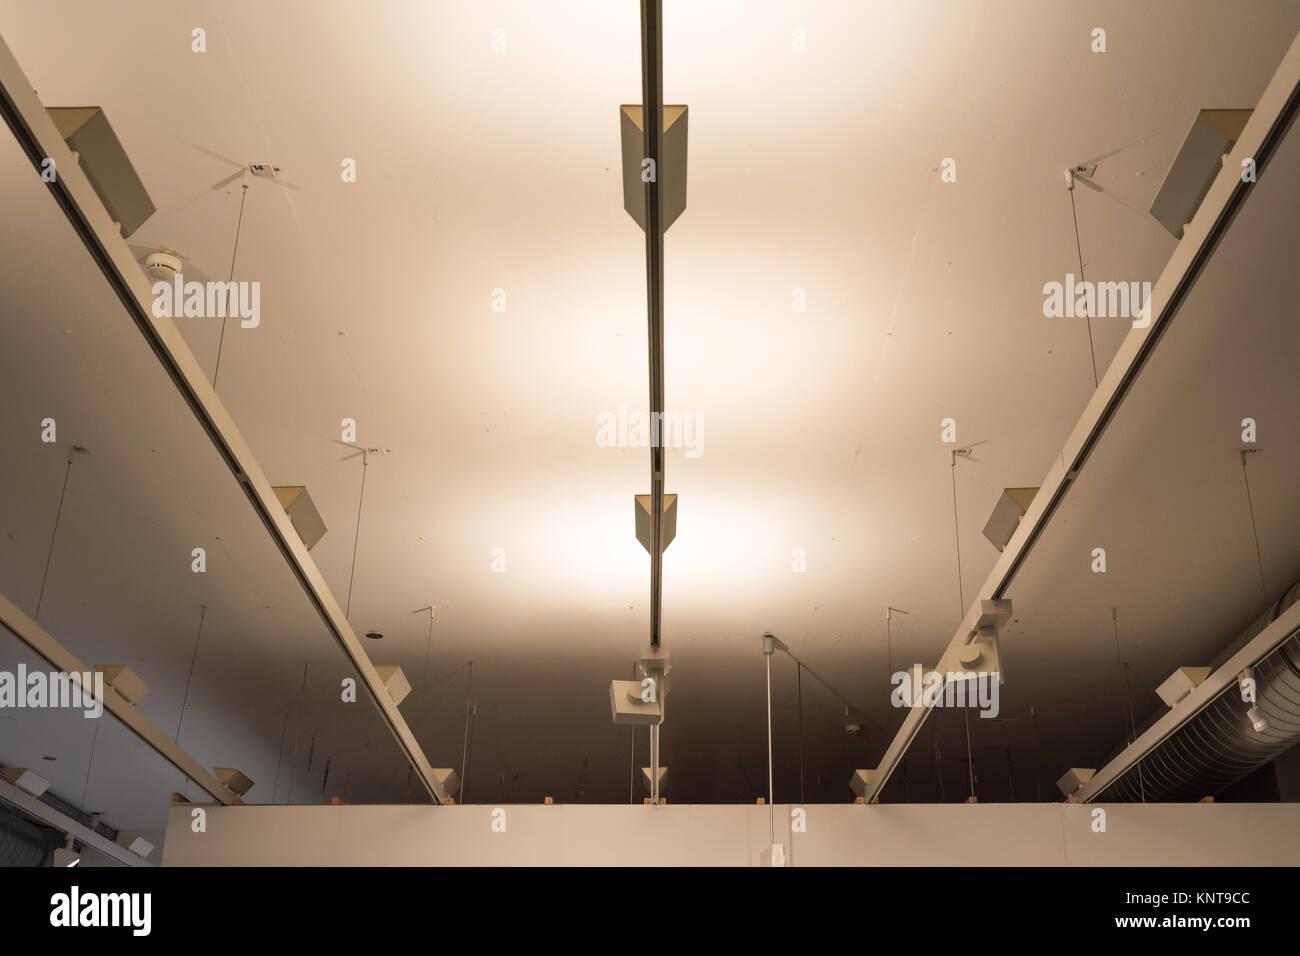 Licht Regale Fluoreszierende Moderne Decke Dekoration Architektur